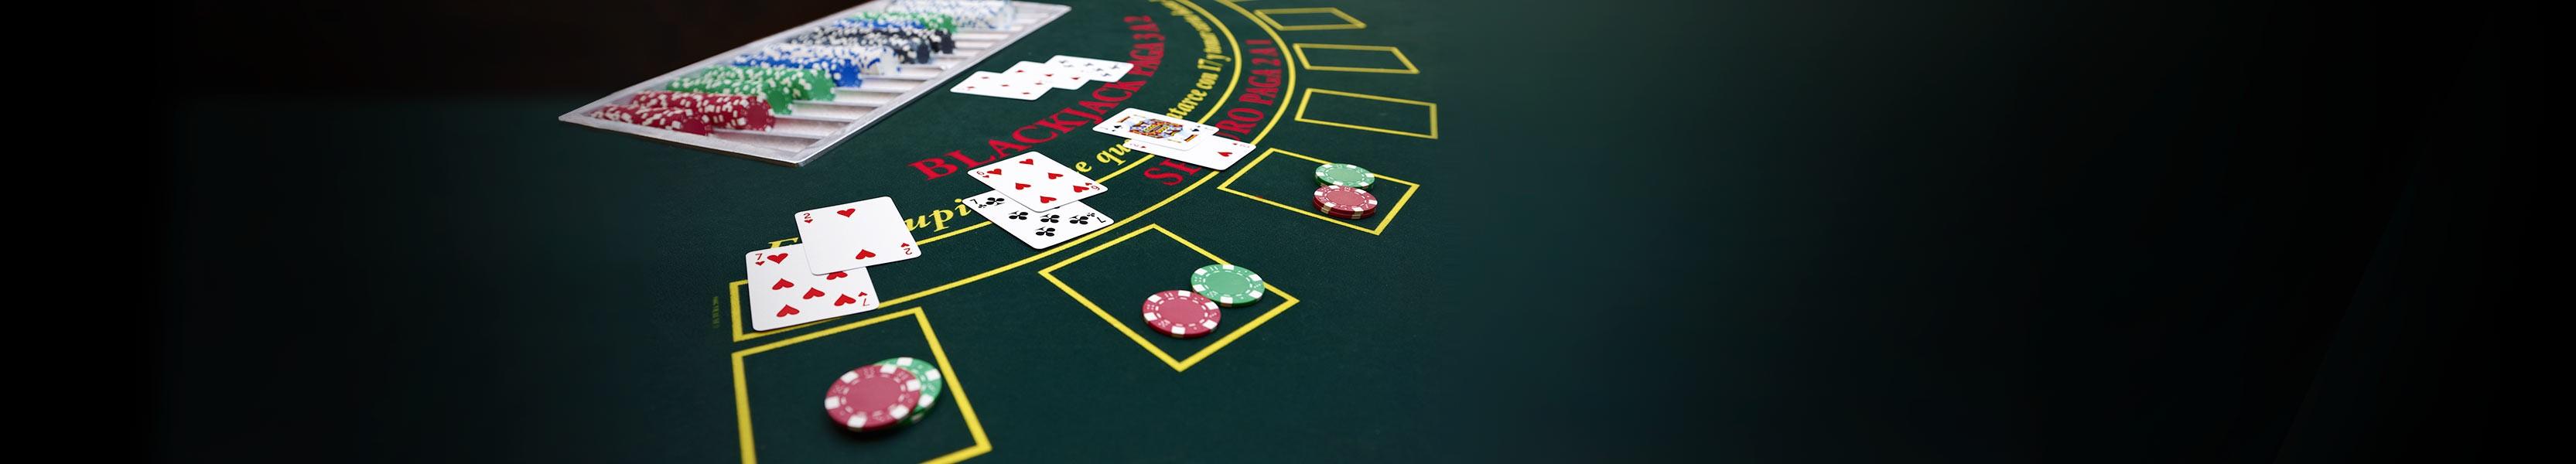 Blackjack szabályok